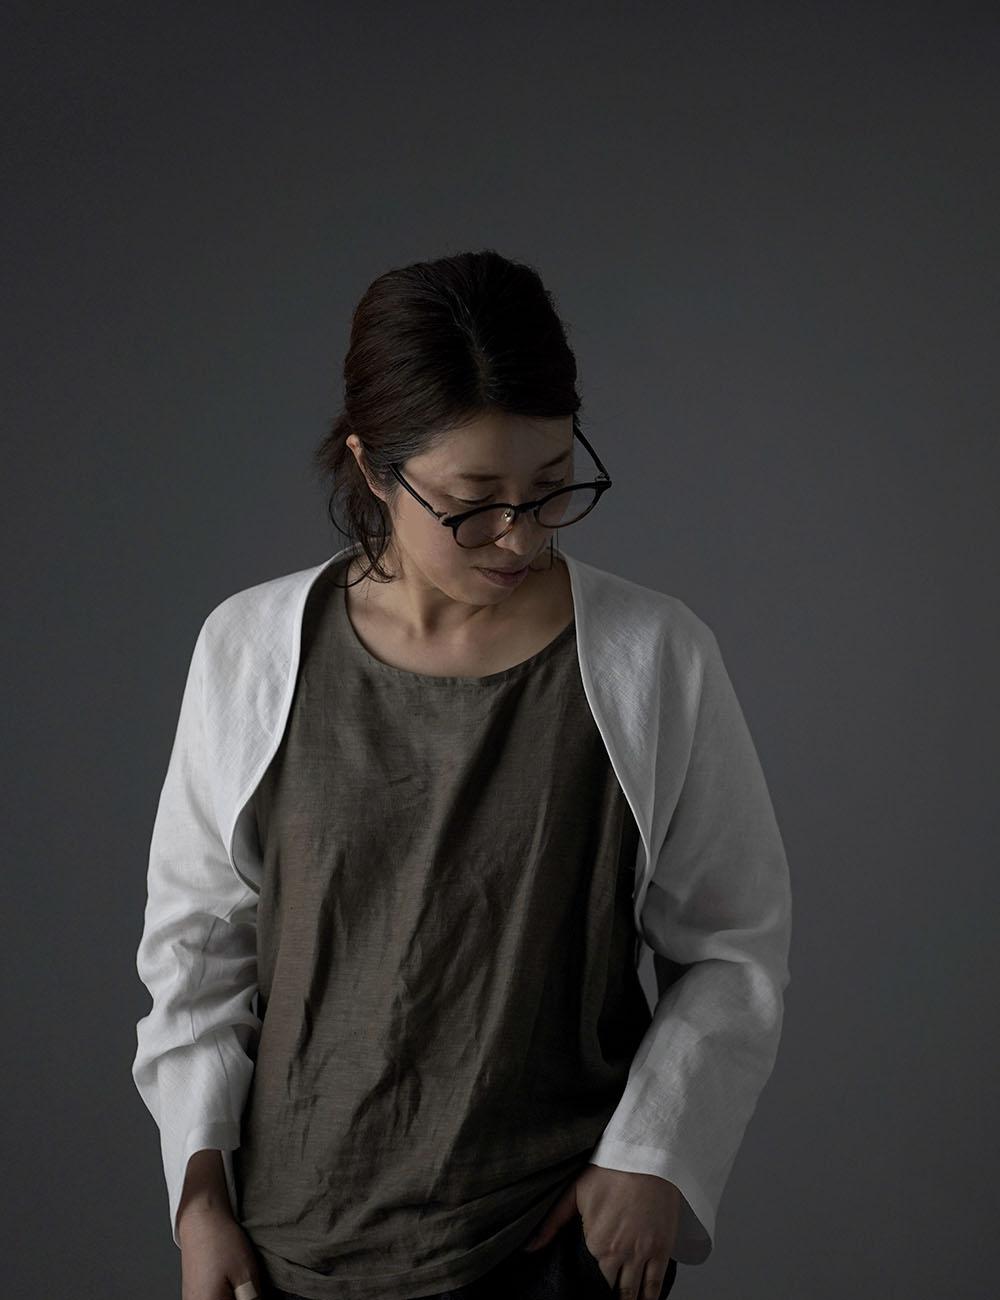 【wafu】 リネン ボレロ ベルスリーブ マーガレット アウター 羽織 長袖 短い丈 UV対策にも 中厚/ホワイト h006a-wht1